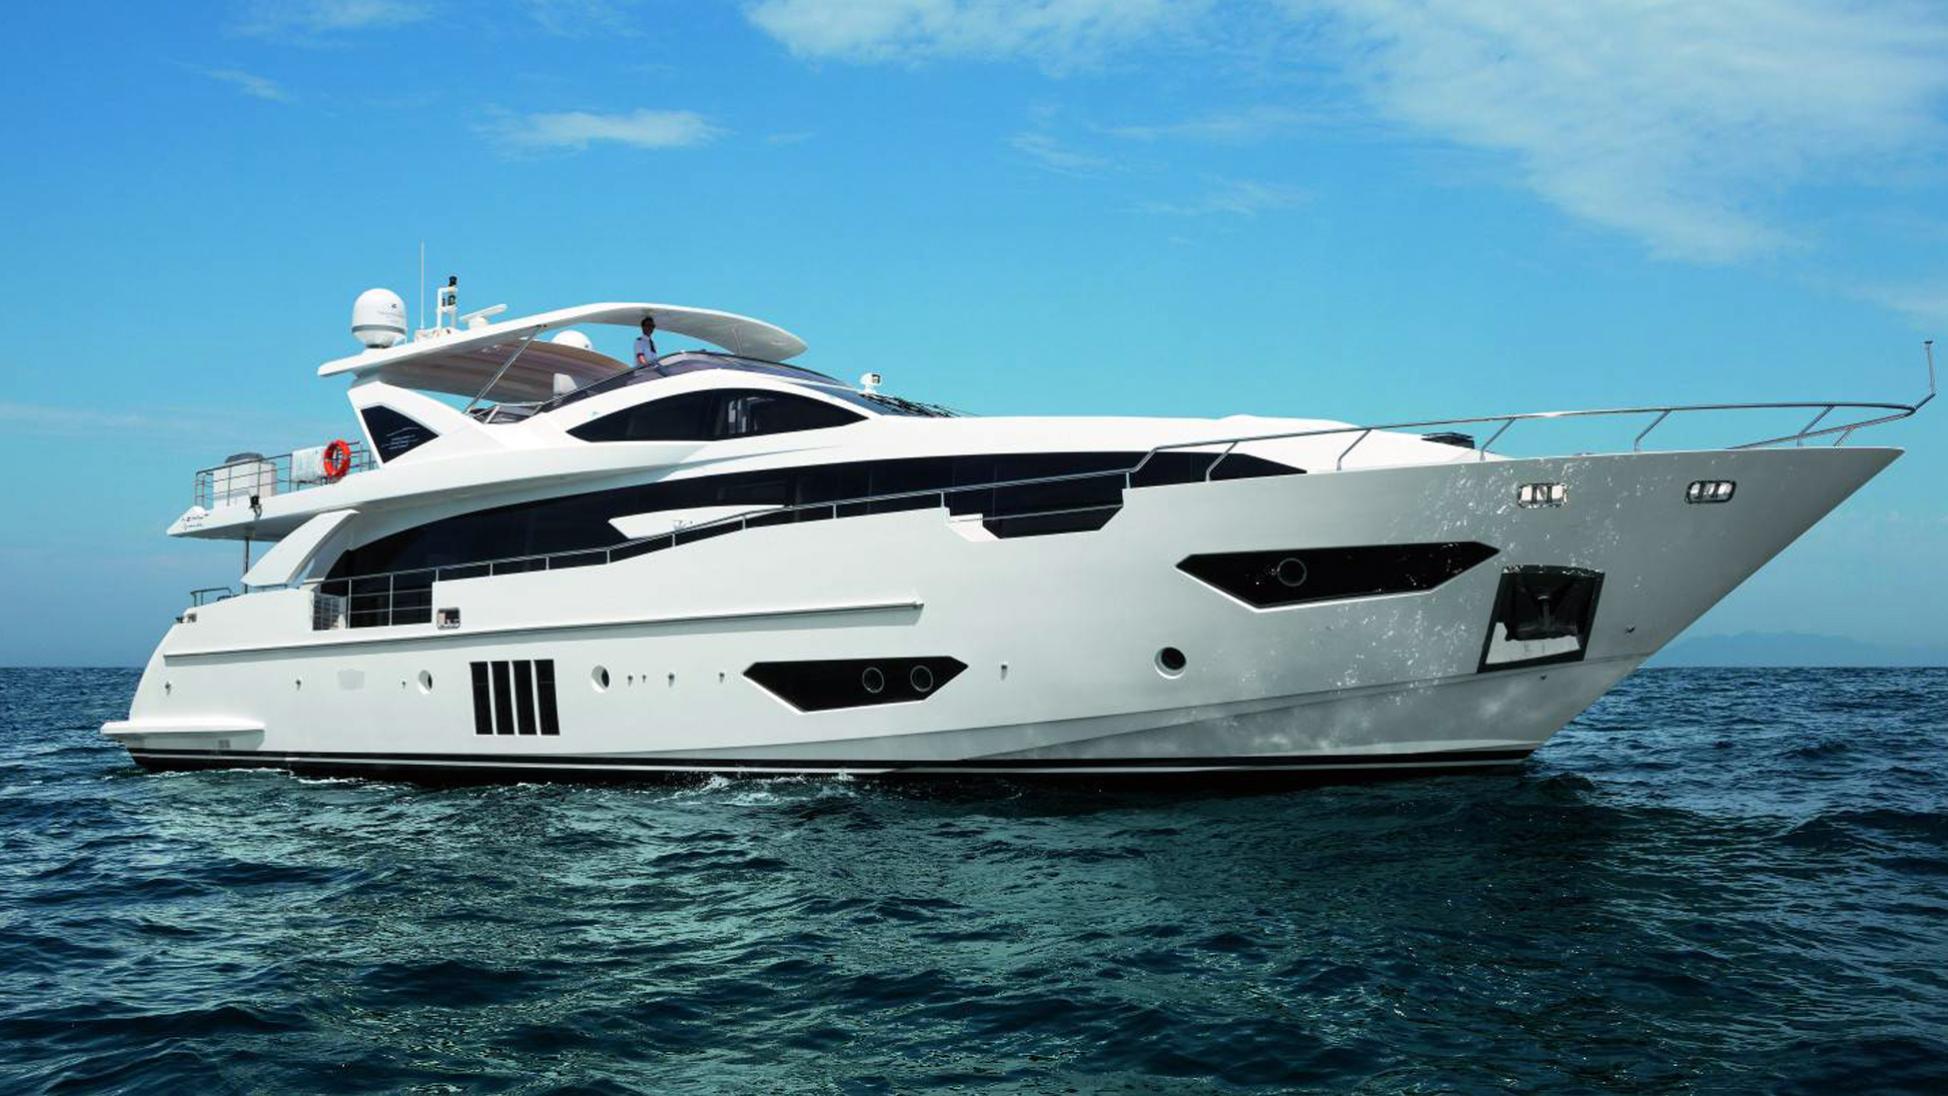 azimut-motor-yacht-95-rph-2016-29m-profile